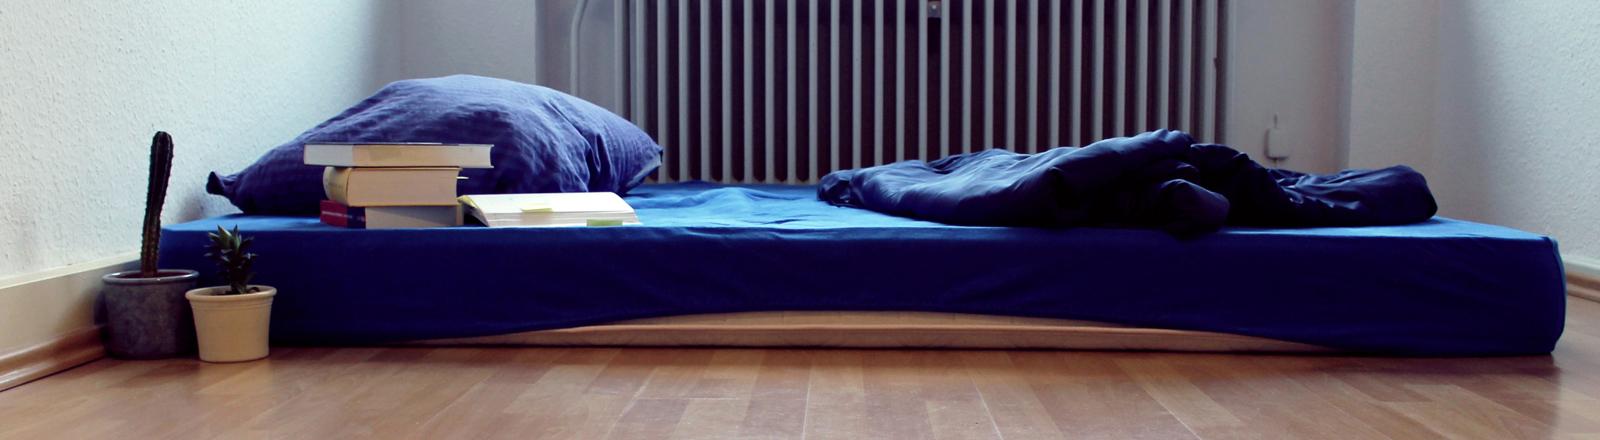 Eine Matratze vor einer Heizung